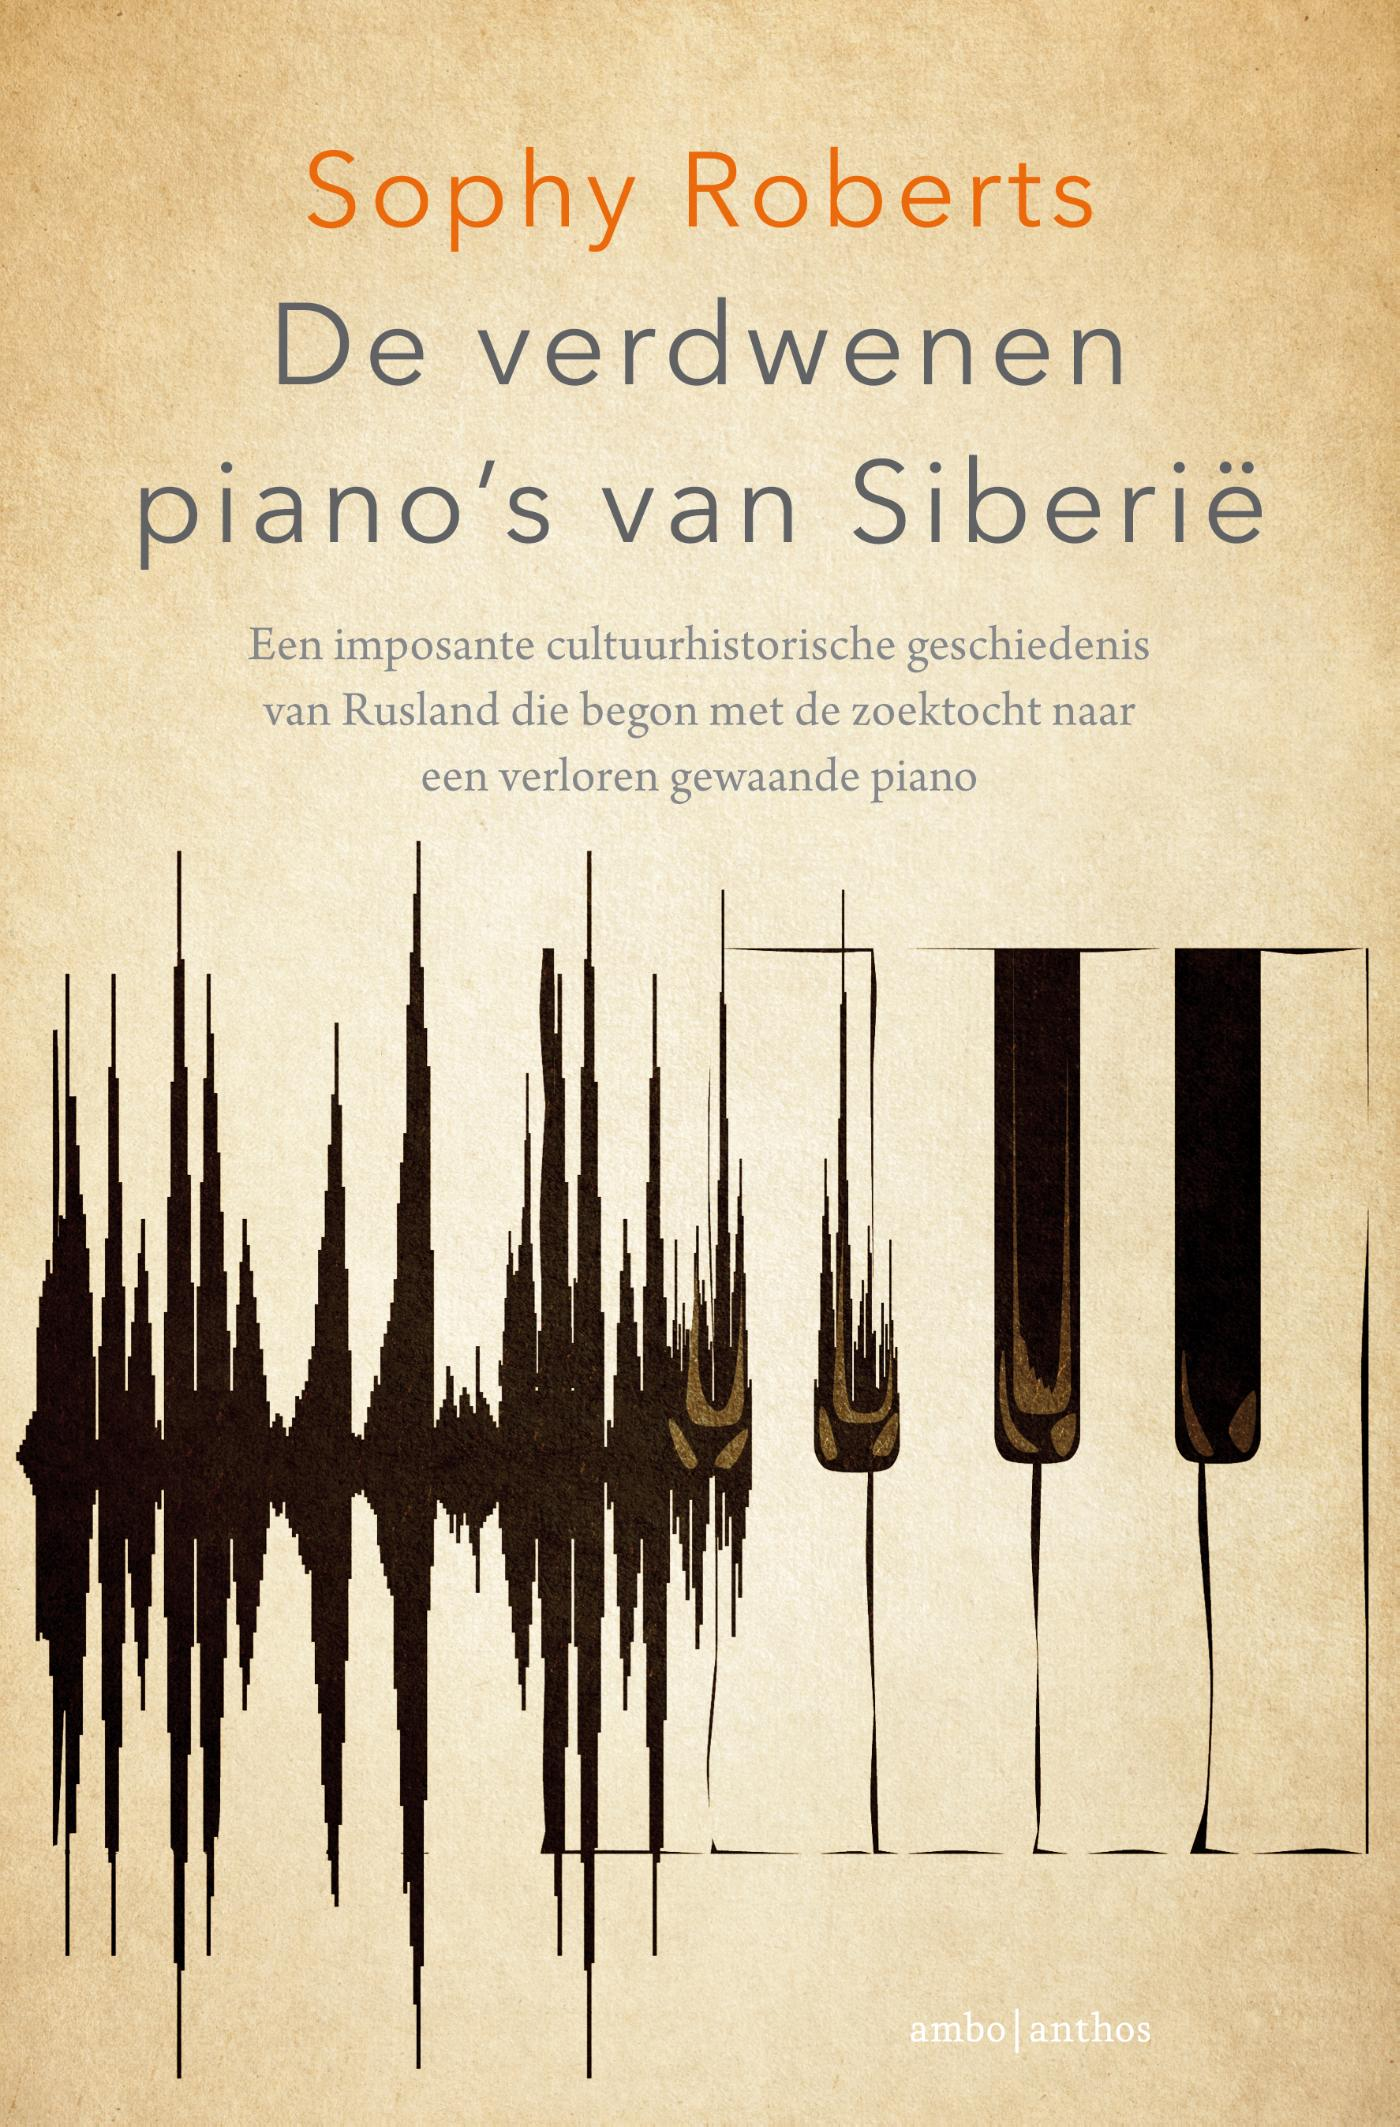 De verdwenen piano's van Siberië (oud)